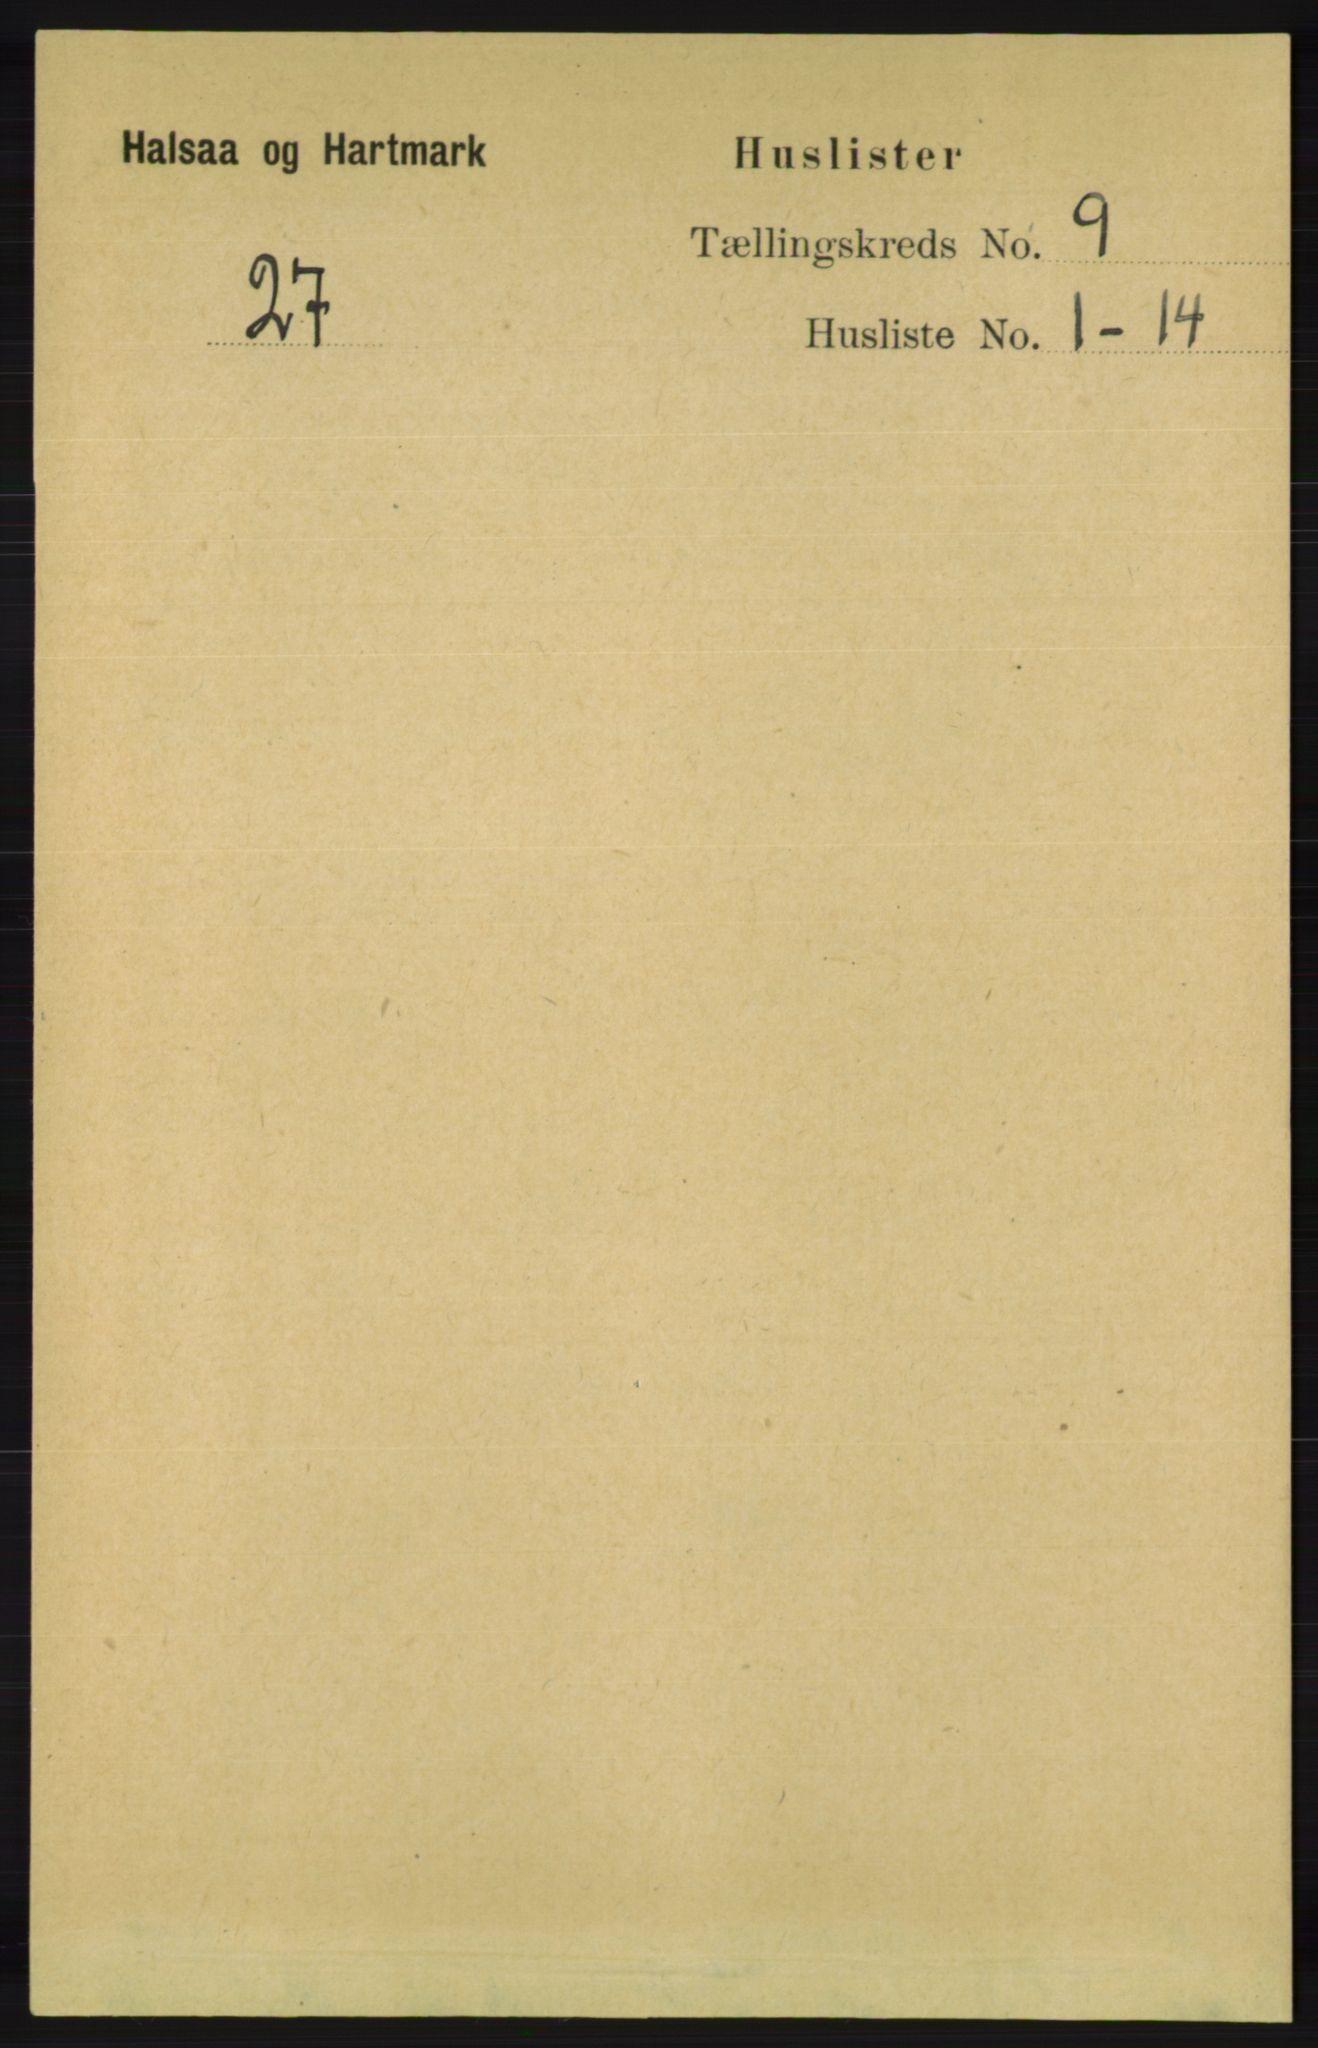 RA, Folketelling 1891 for 1019 Halse og Harkmark herred, 1891, s. 3576